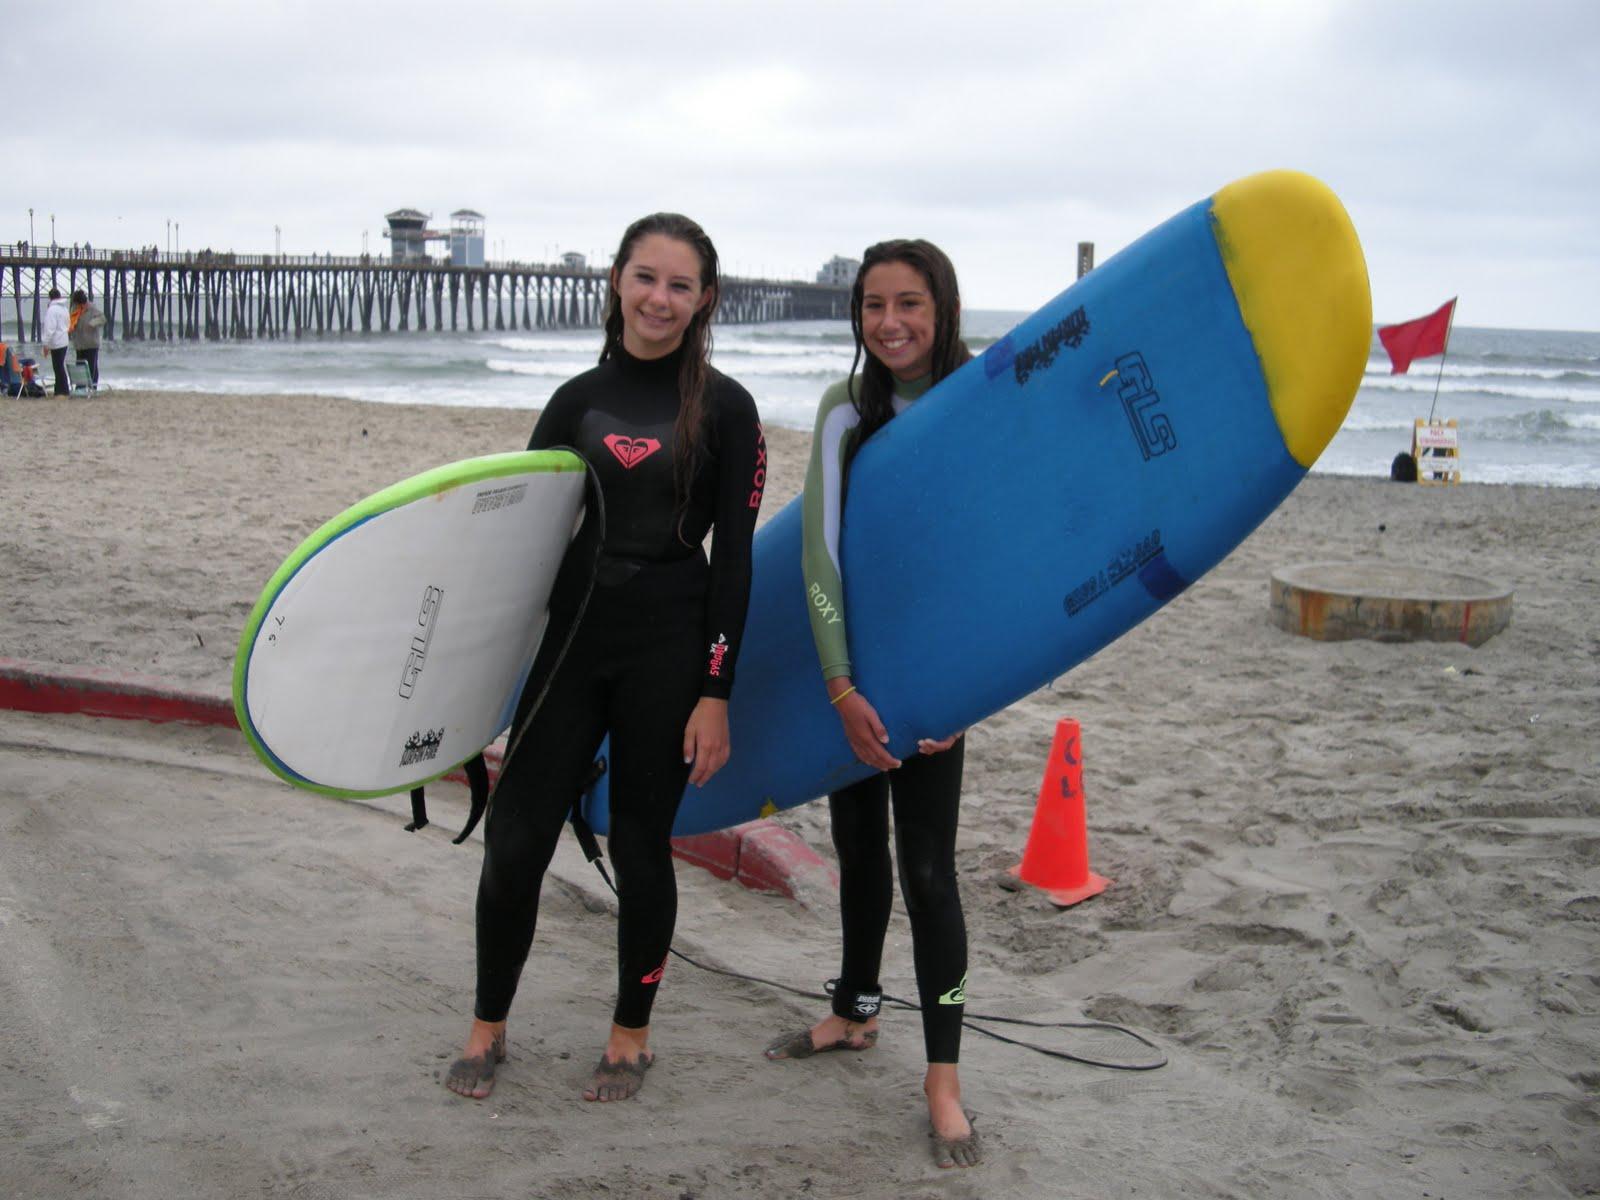 Curso en San Diego, EEUU para jóvenes de 14 a 18 años. Grupo con monitor